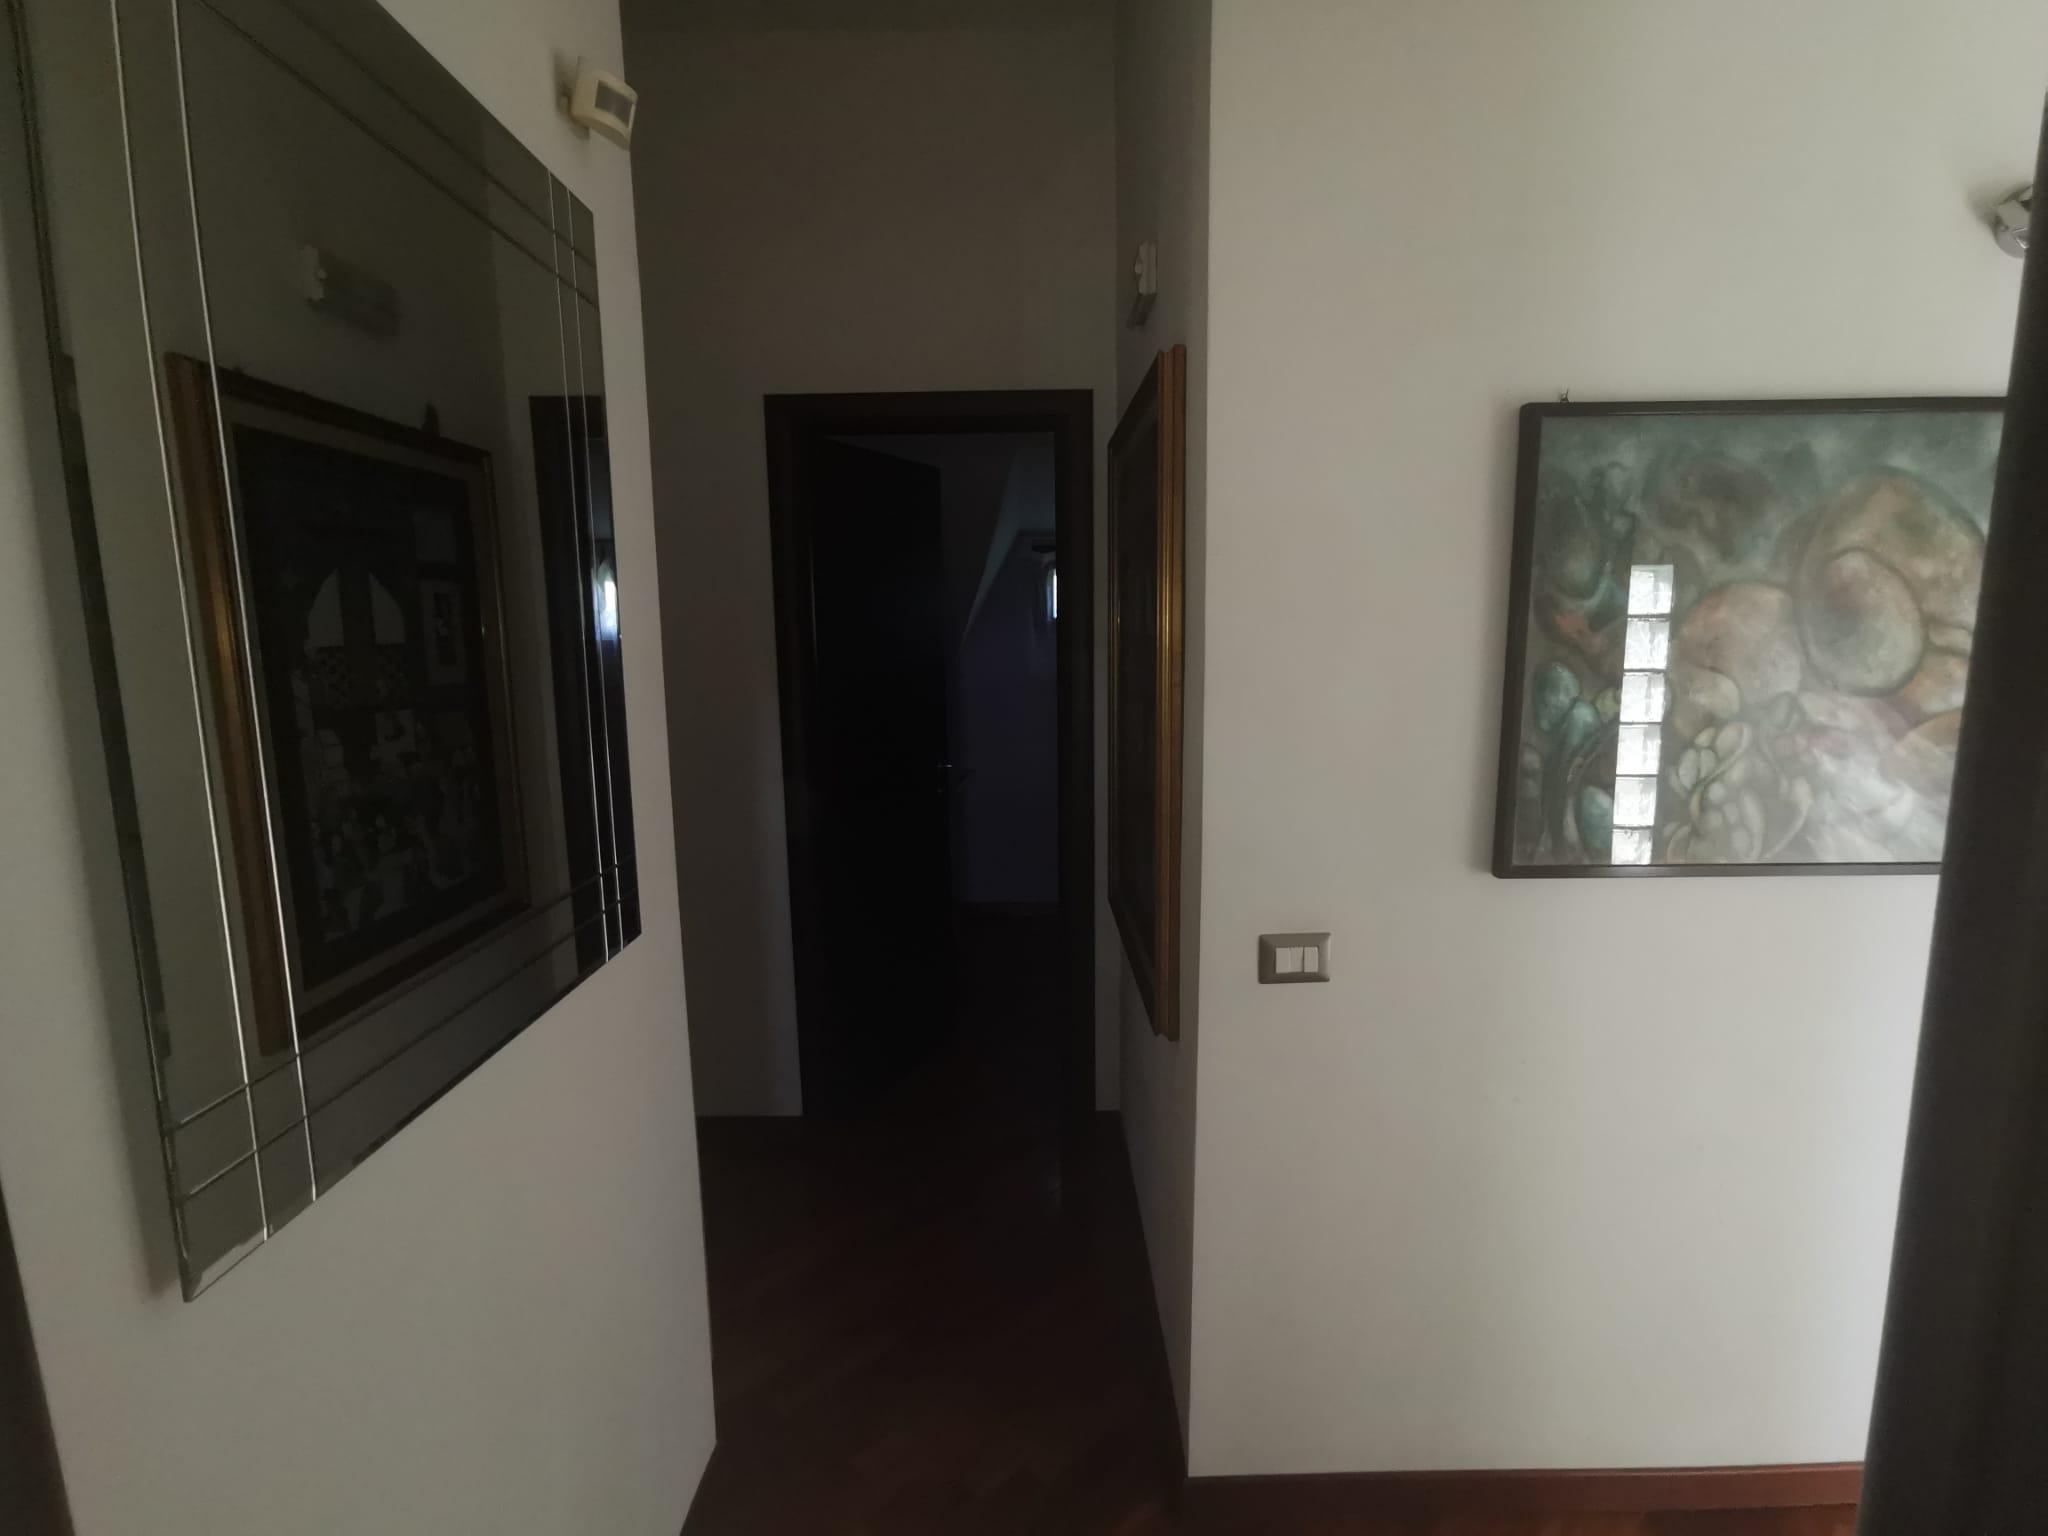 VILLA 3 LIVELLI Varcaturo-Viale dei Pini Nord Rif 36712